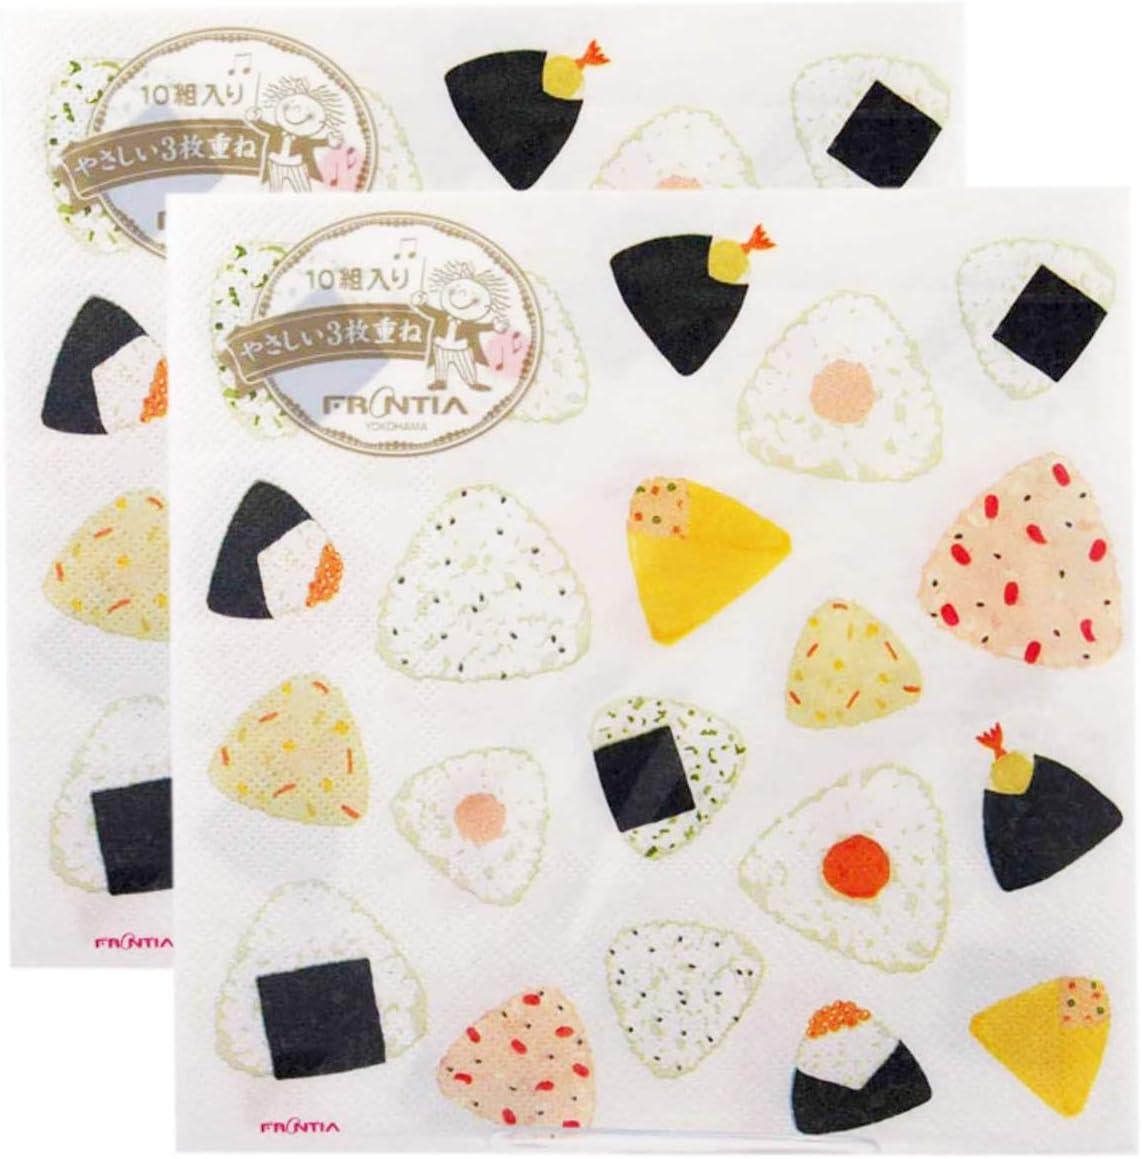 Frontia servilletas de papel con bola de arroz, comida japonesa, cóctel, bebida, almuerzo, cena, fiesta, 3 capas, 2 paquetes de 10 unidades, 33 x 33 cm, importado de Japón: Amazon.es: Hogar